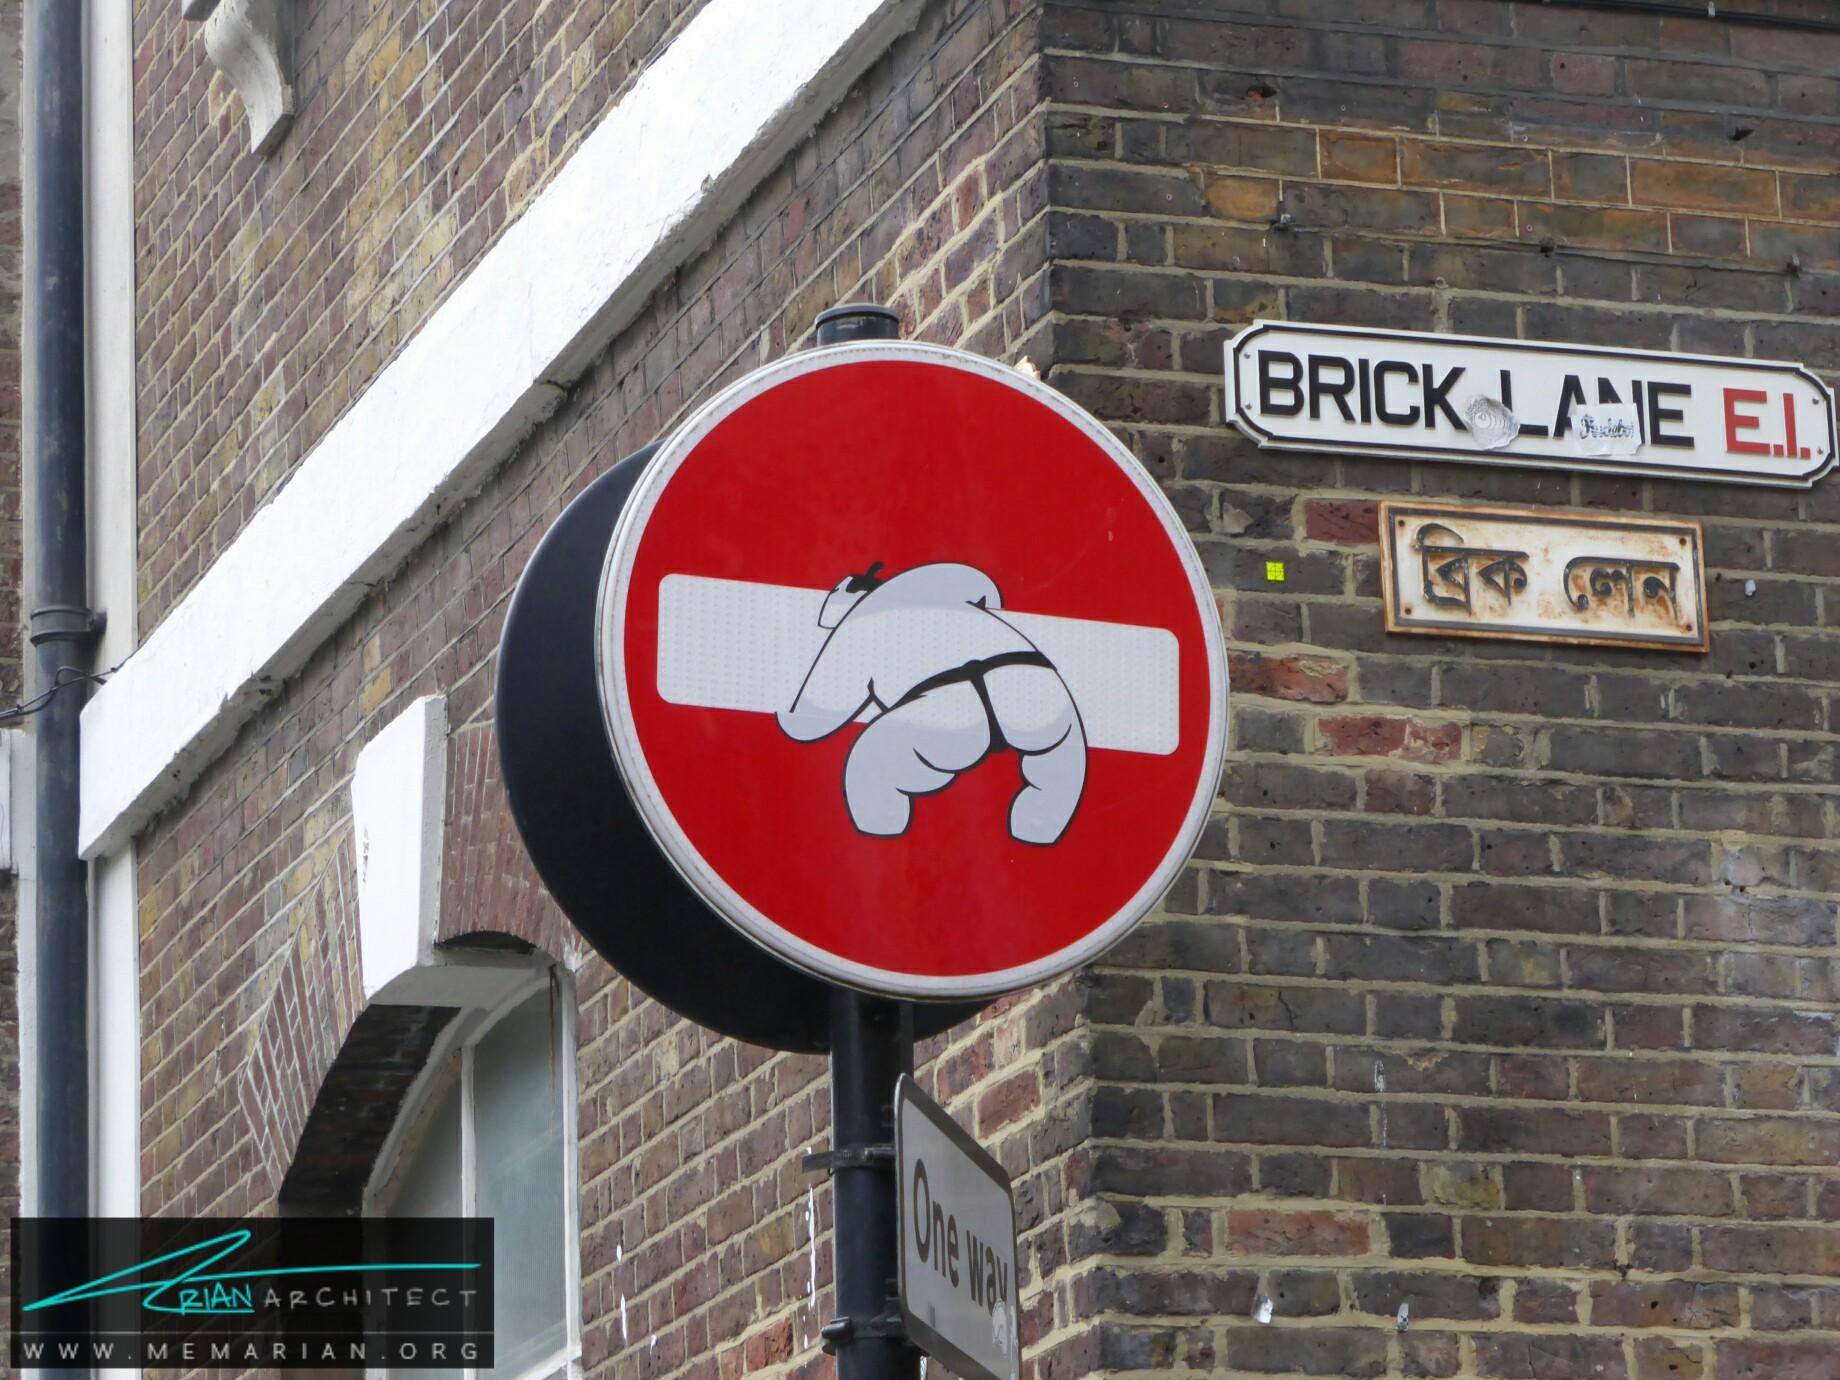 ایده های هنری در تابلو های رانندگی - آثار هنری خیابانی